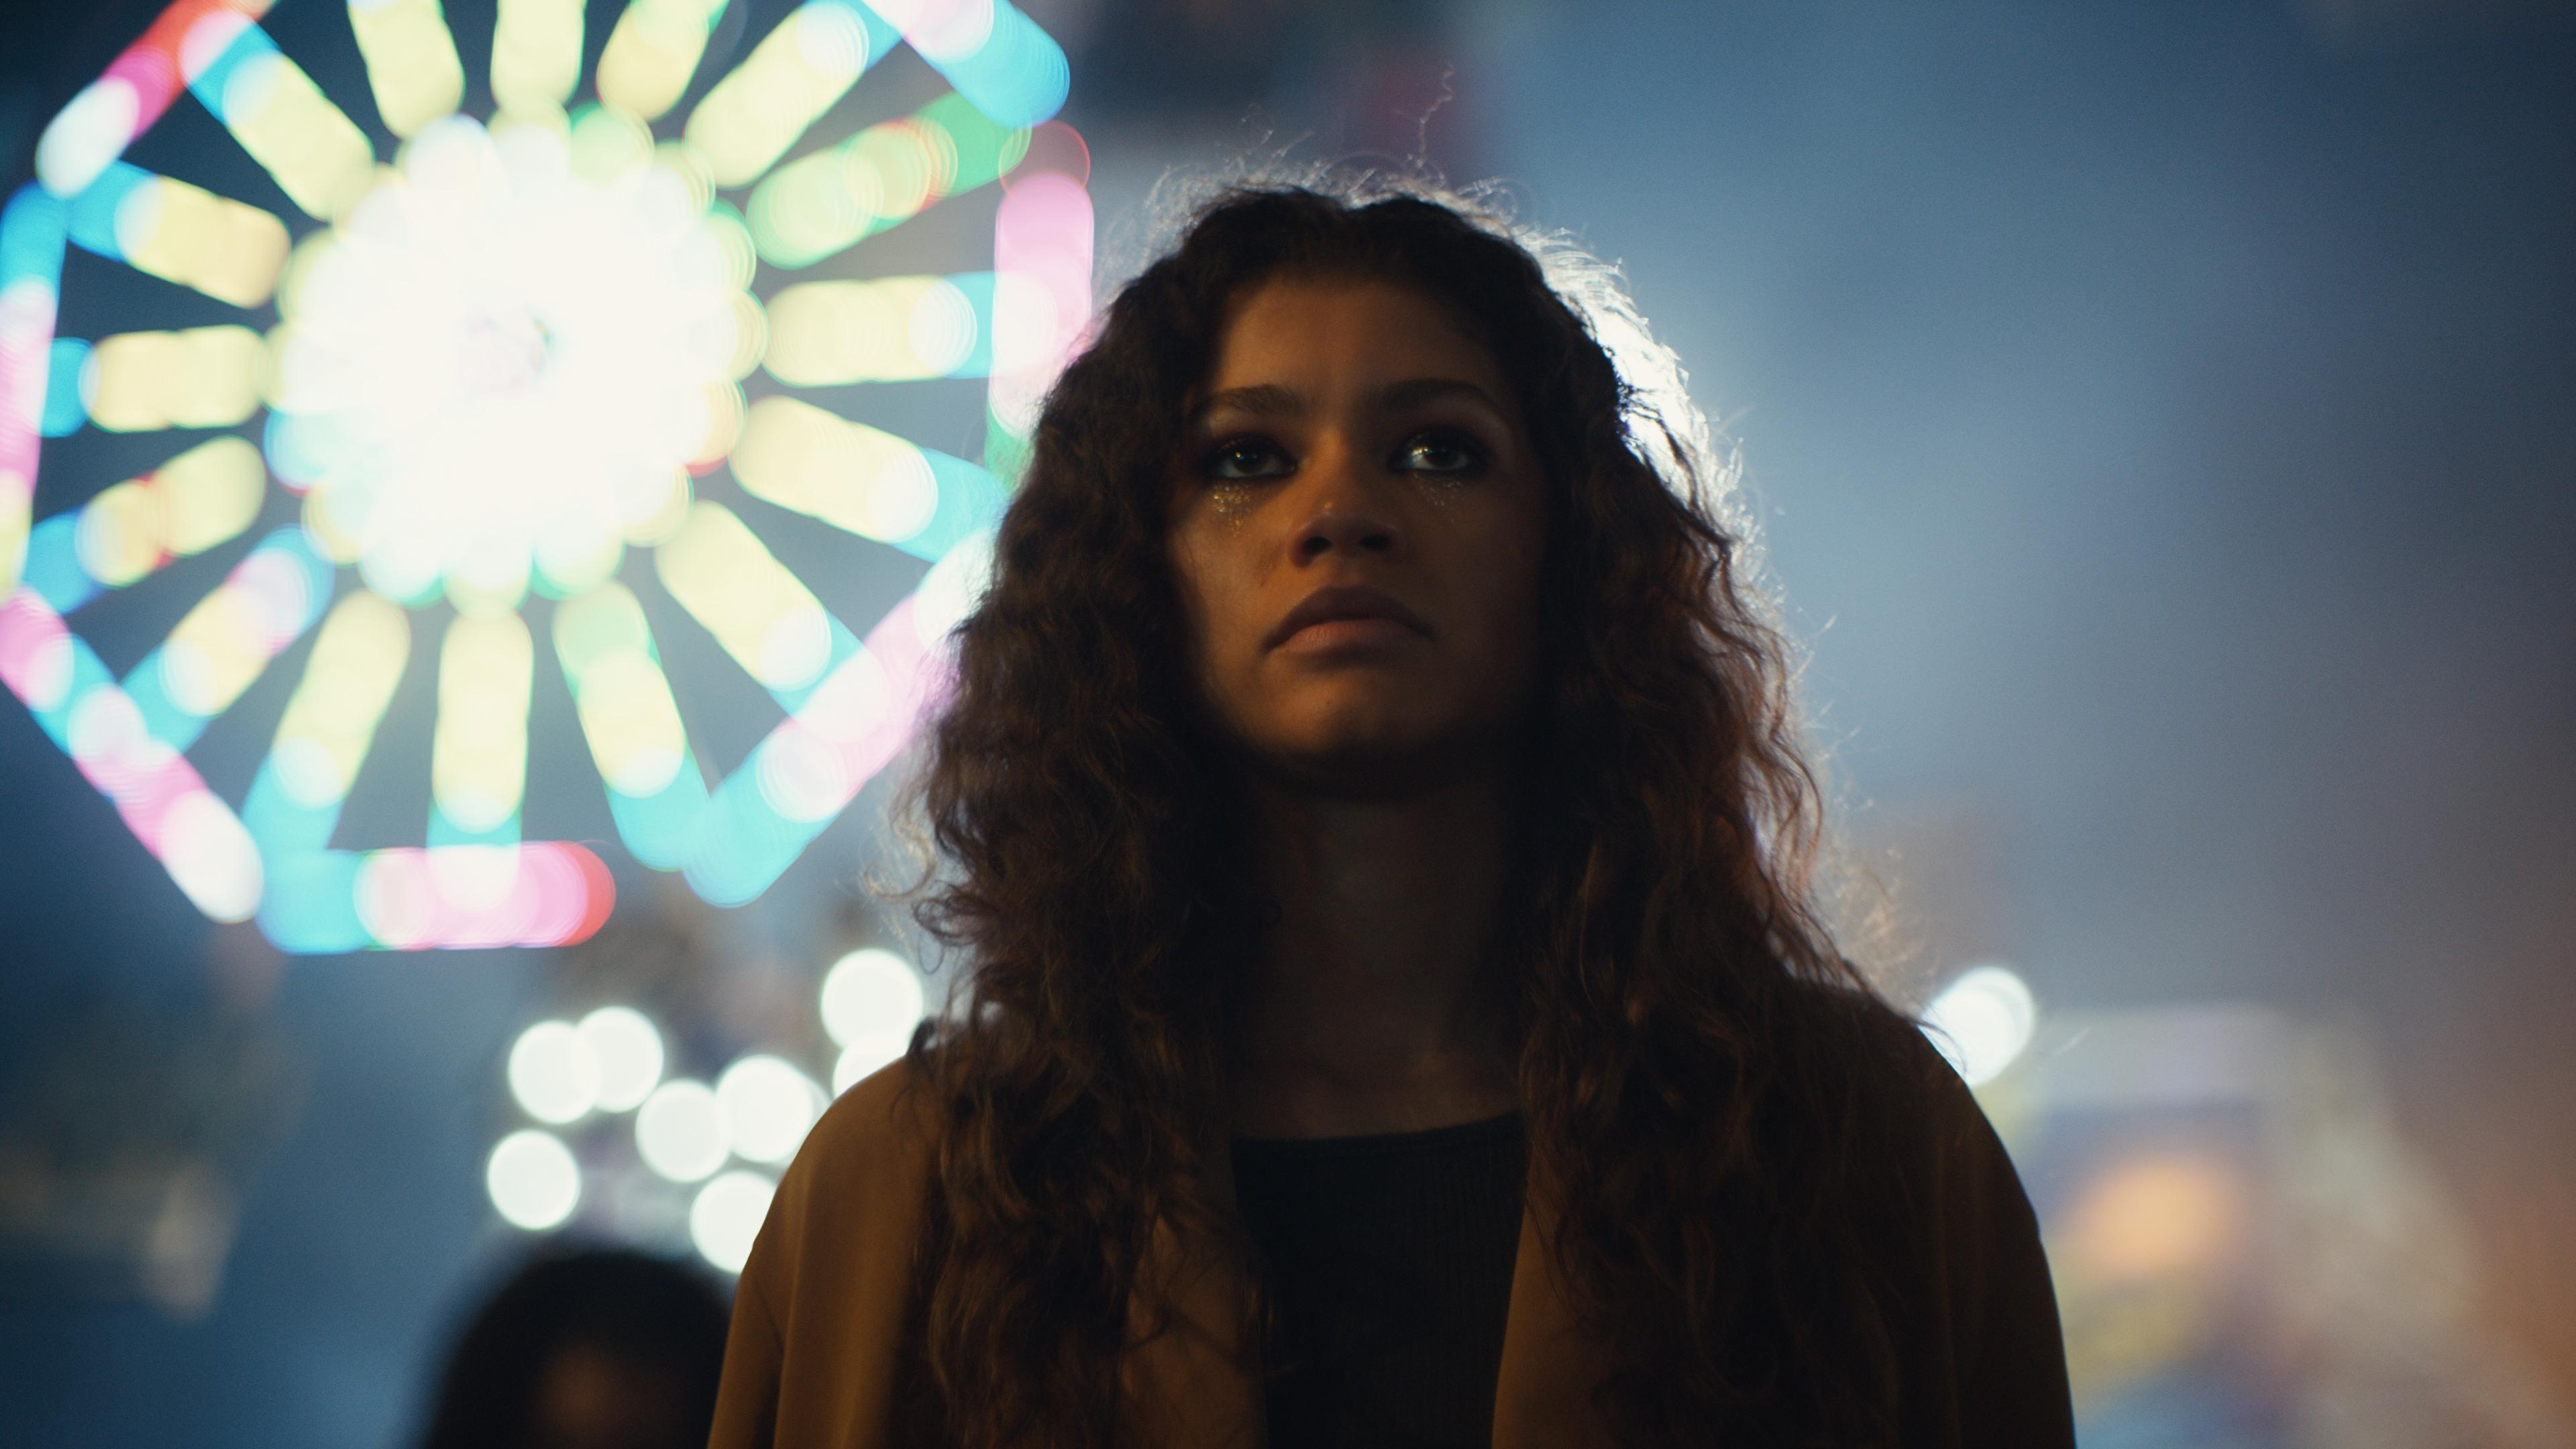 Zendaya in a scene from